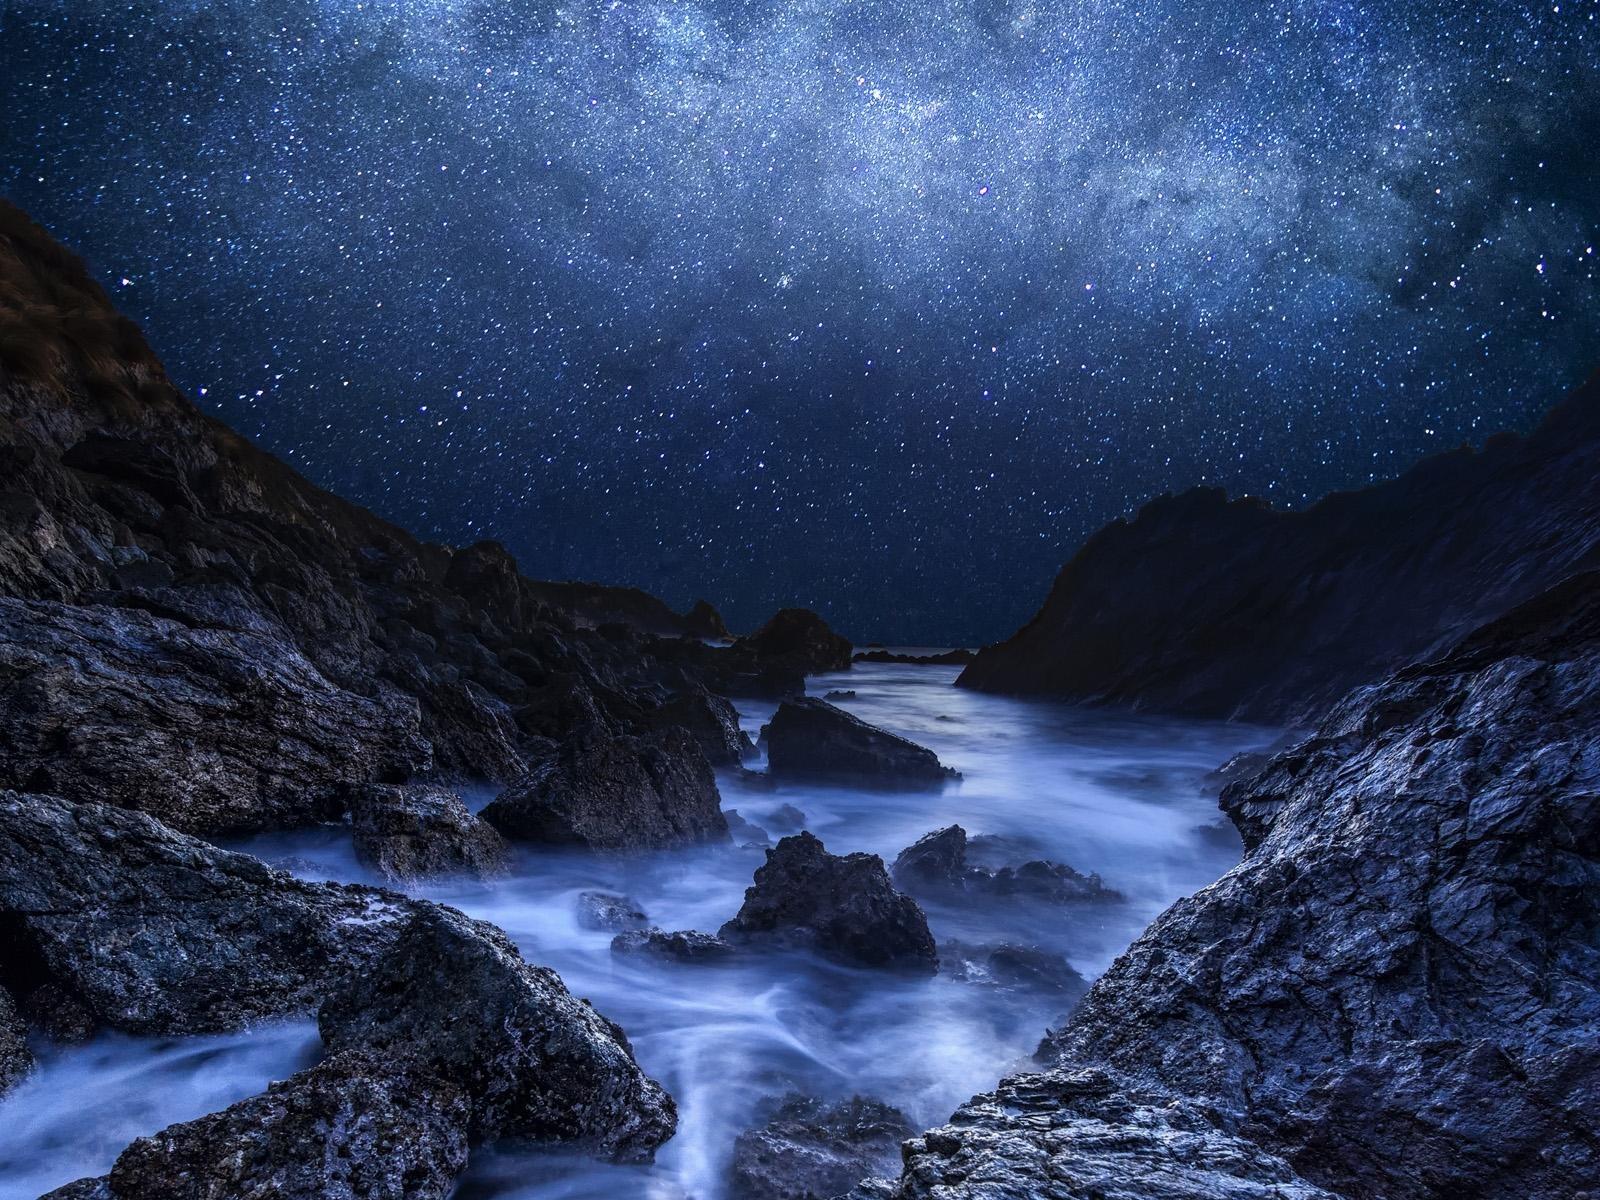 美しい夜景ギャラクシーhd壁紙プレビュー 10wallpaper Com